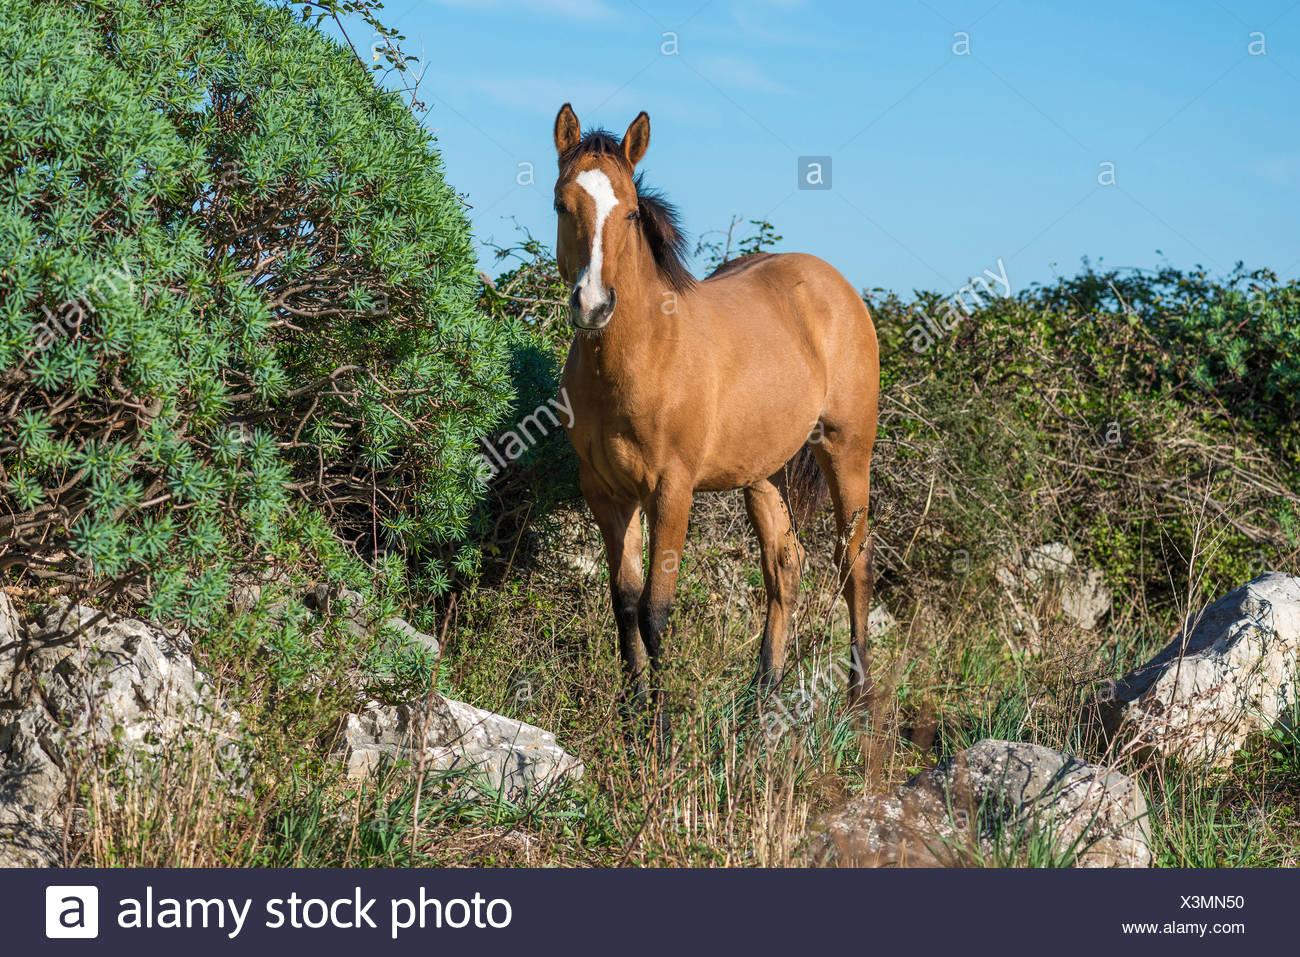 A cavallo e in mare in piedi sul terreno roccioso, il Parco delle Madonie, Madonie Parco Naturale Regionale, vicino Collesano, in provincia di Palermo Immagini Stock